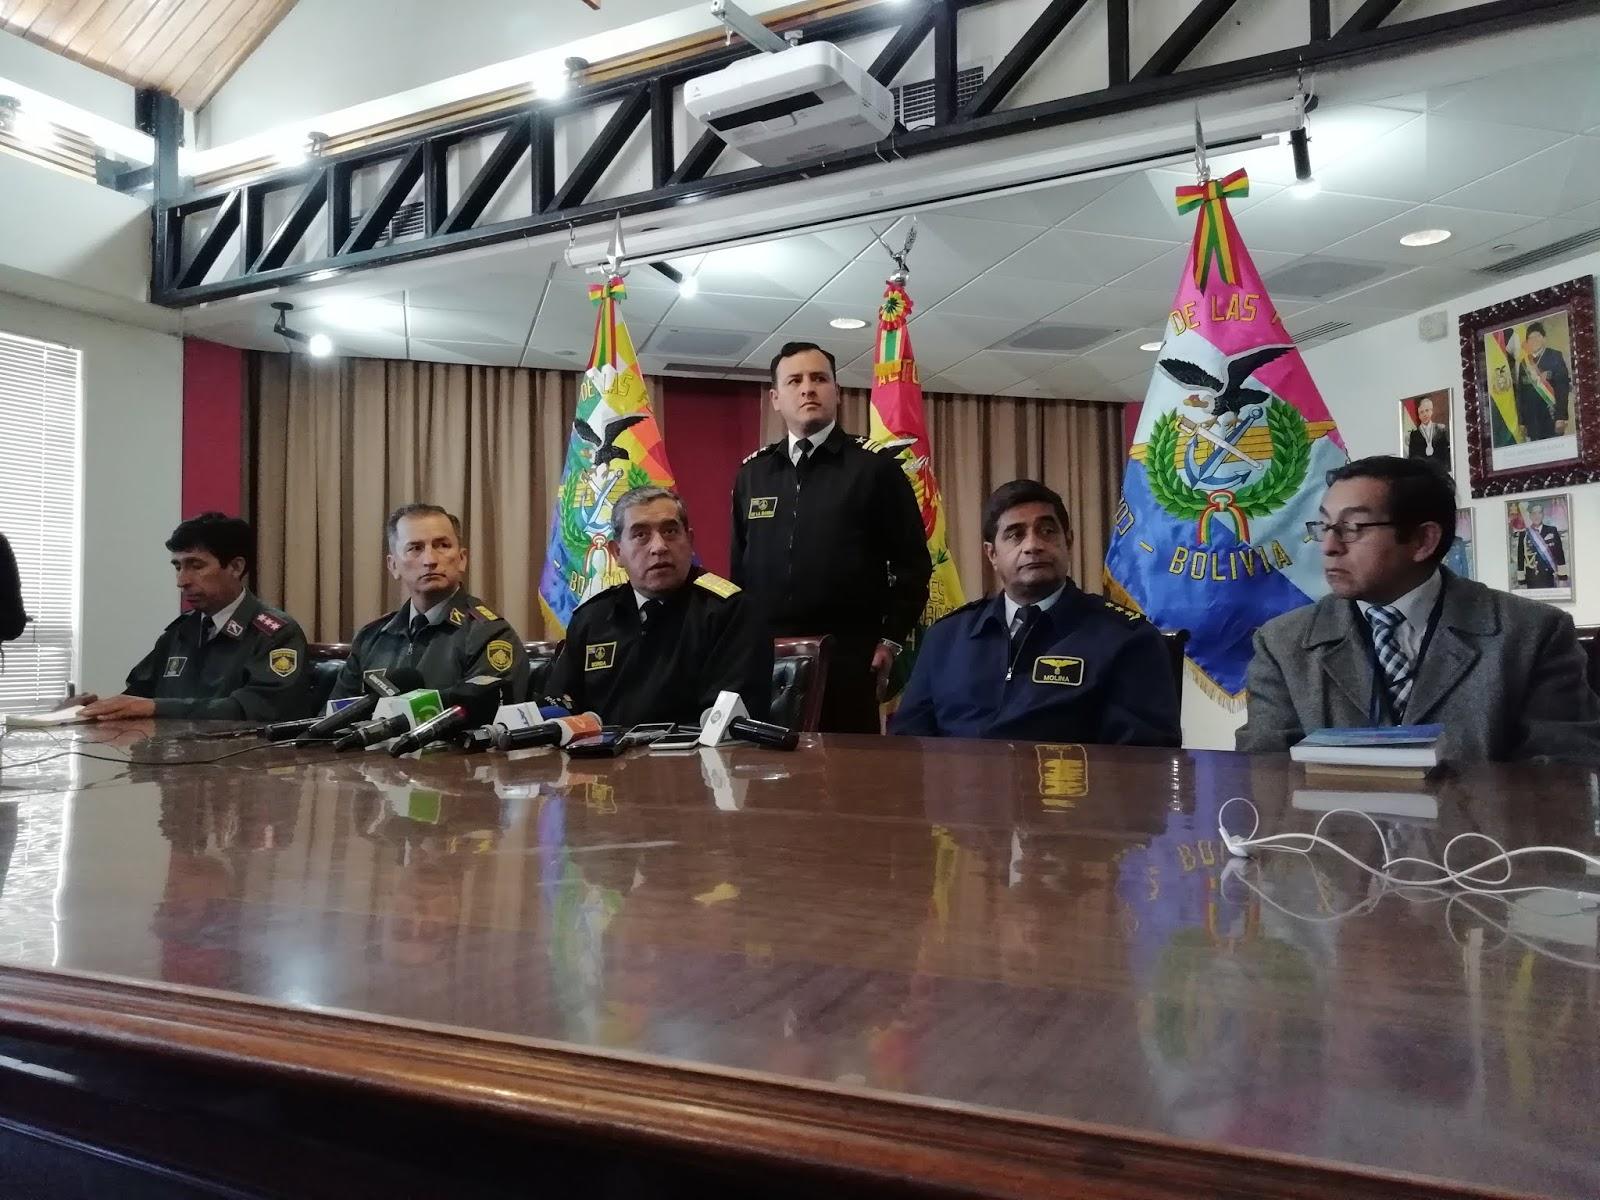 Almirante de FFAA anunció la destitución del jefe de la Casa Militar / ABI